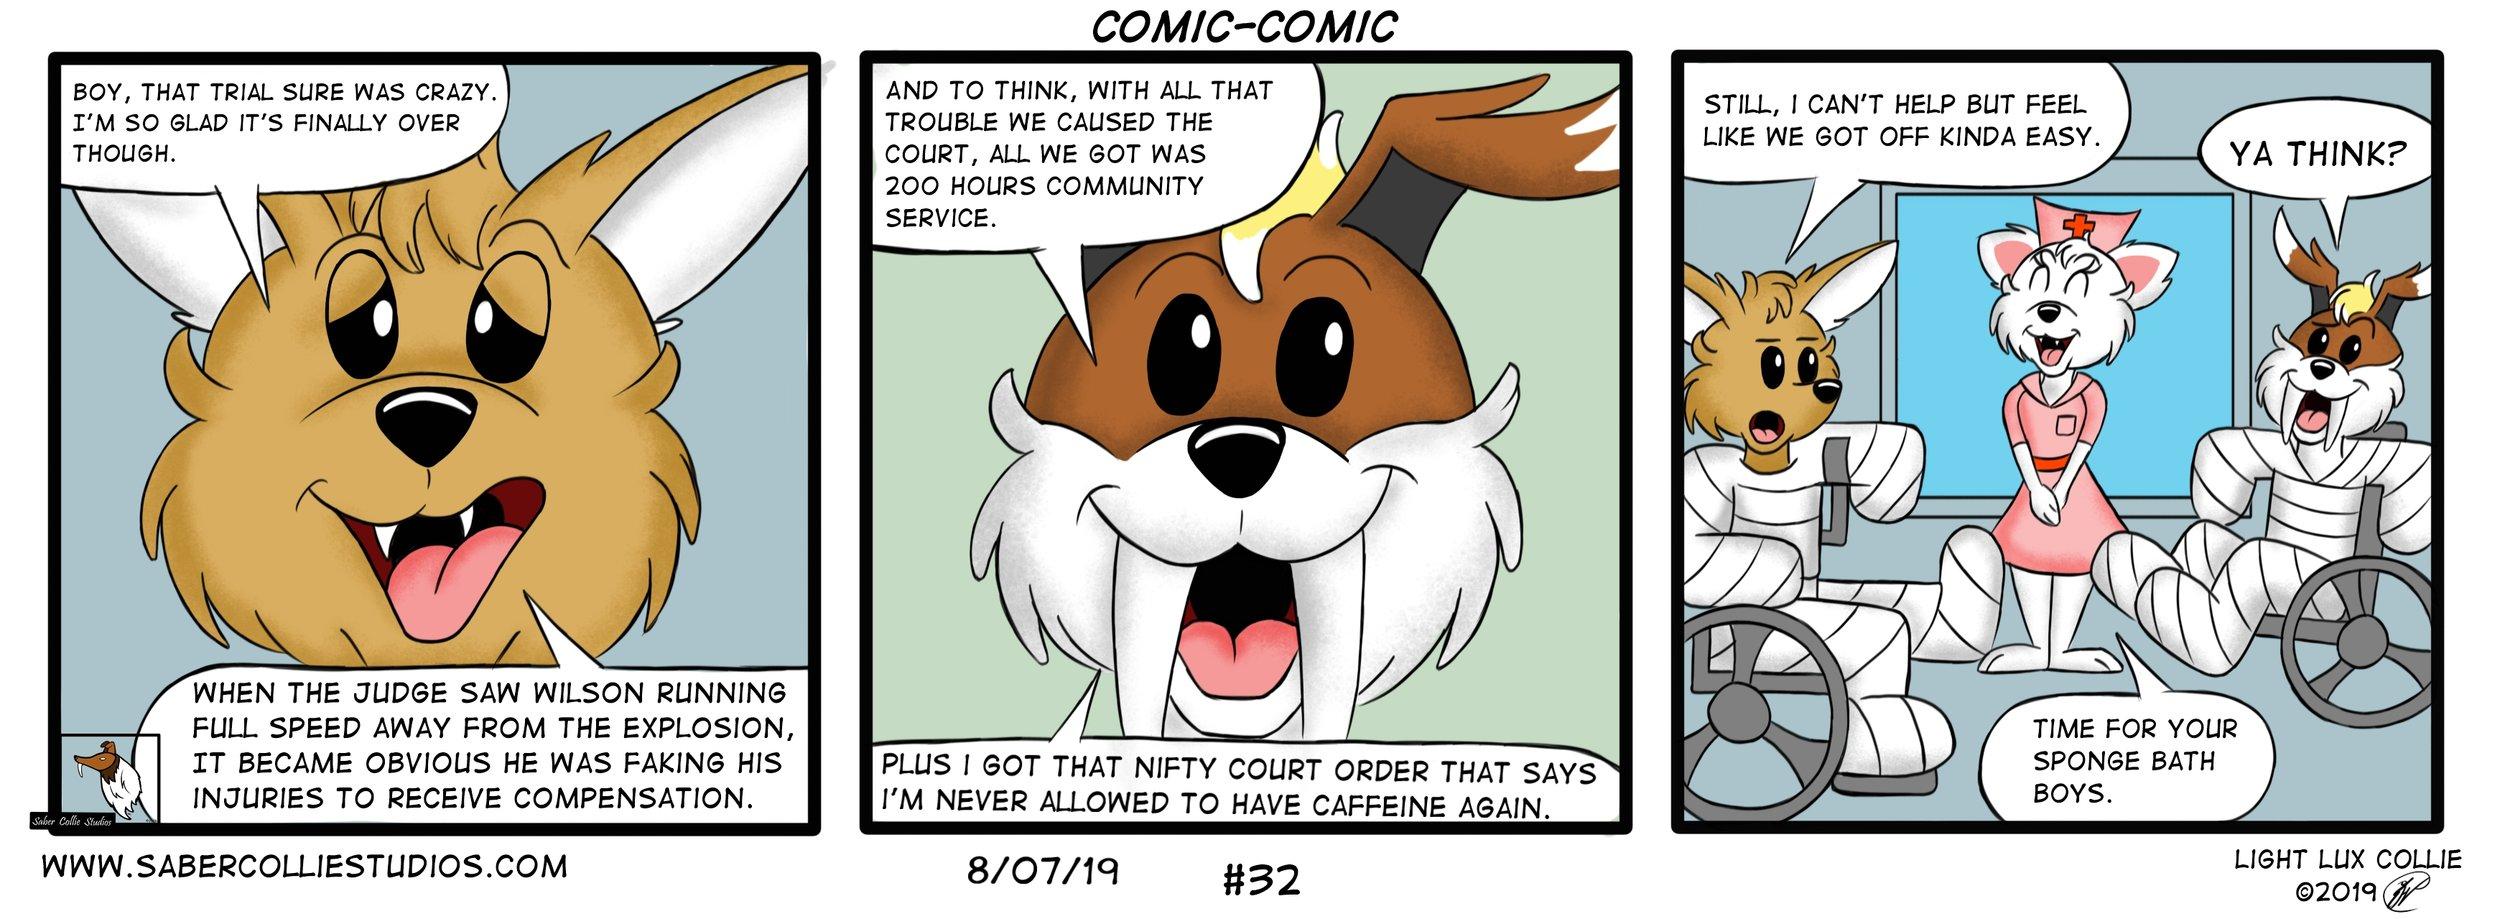 Comic-Comic 8 7 19.jpg